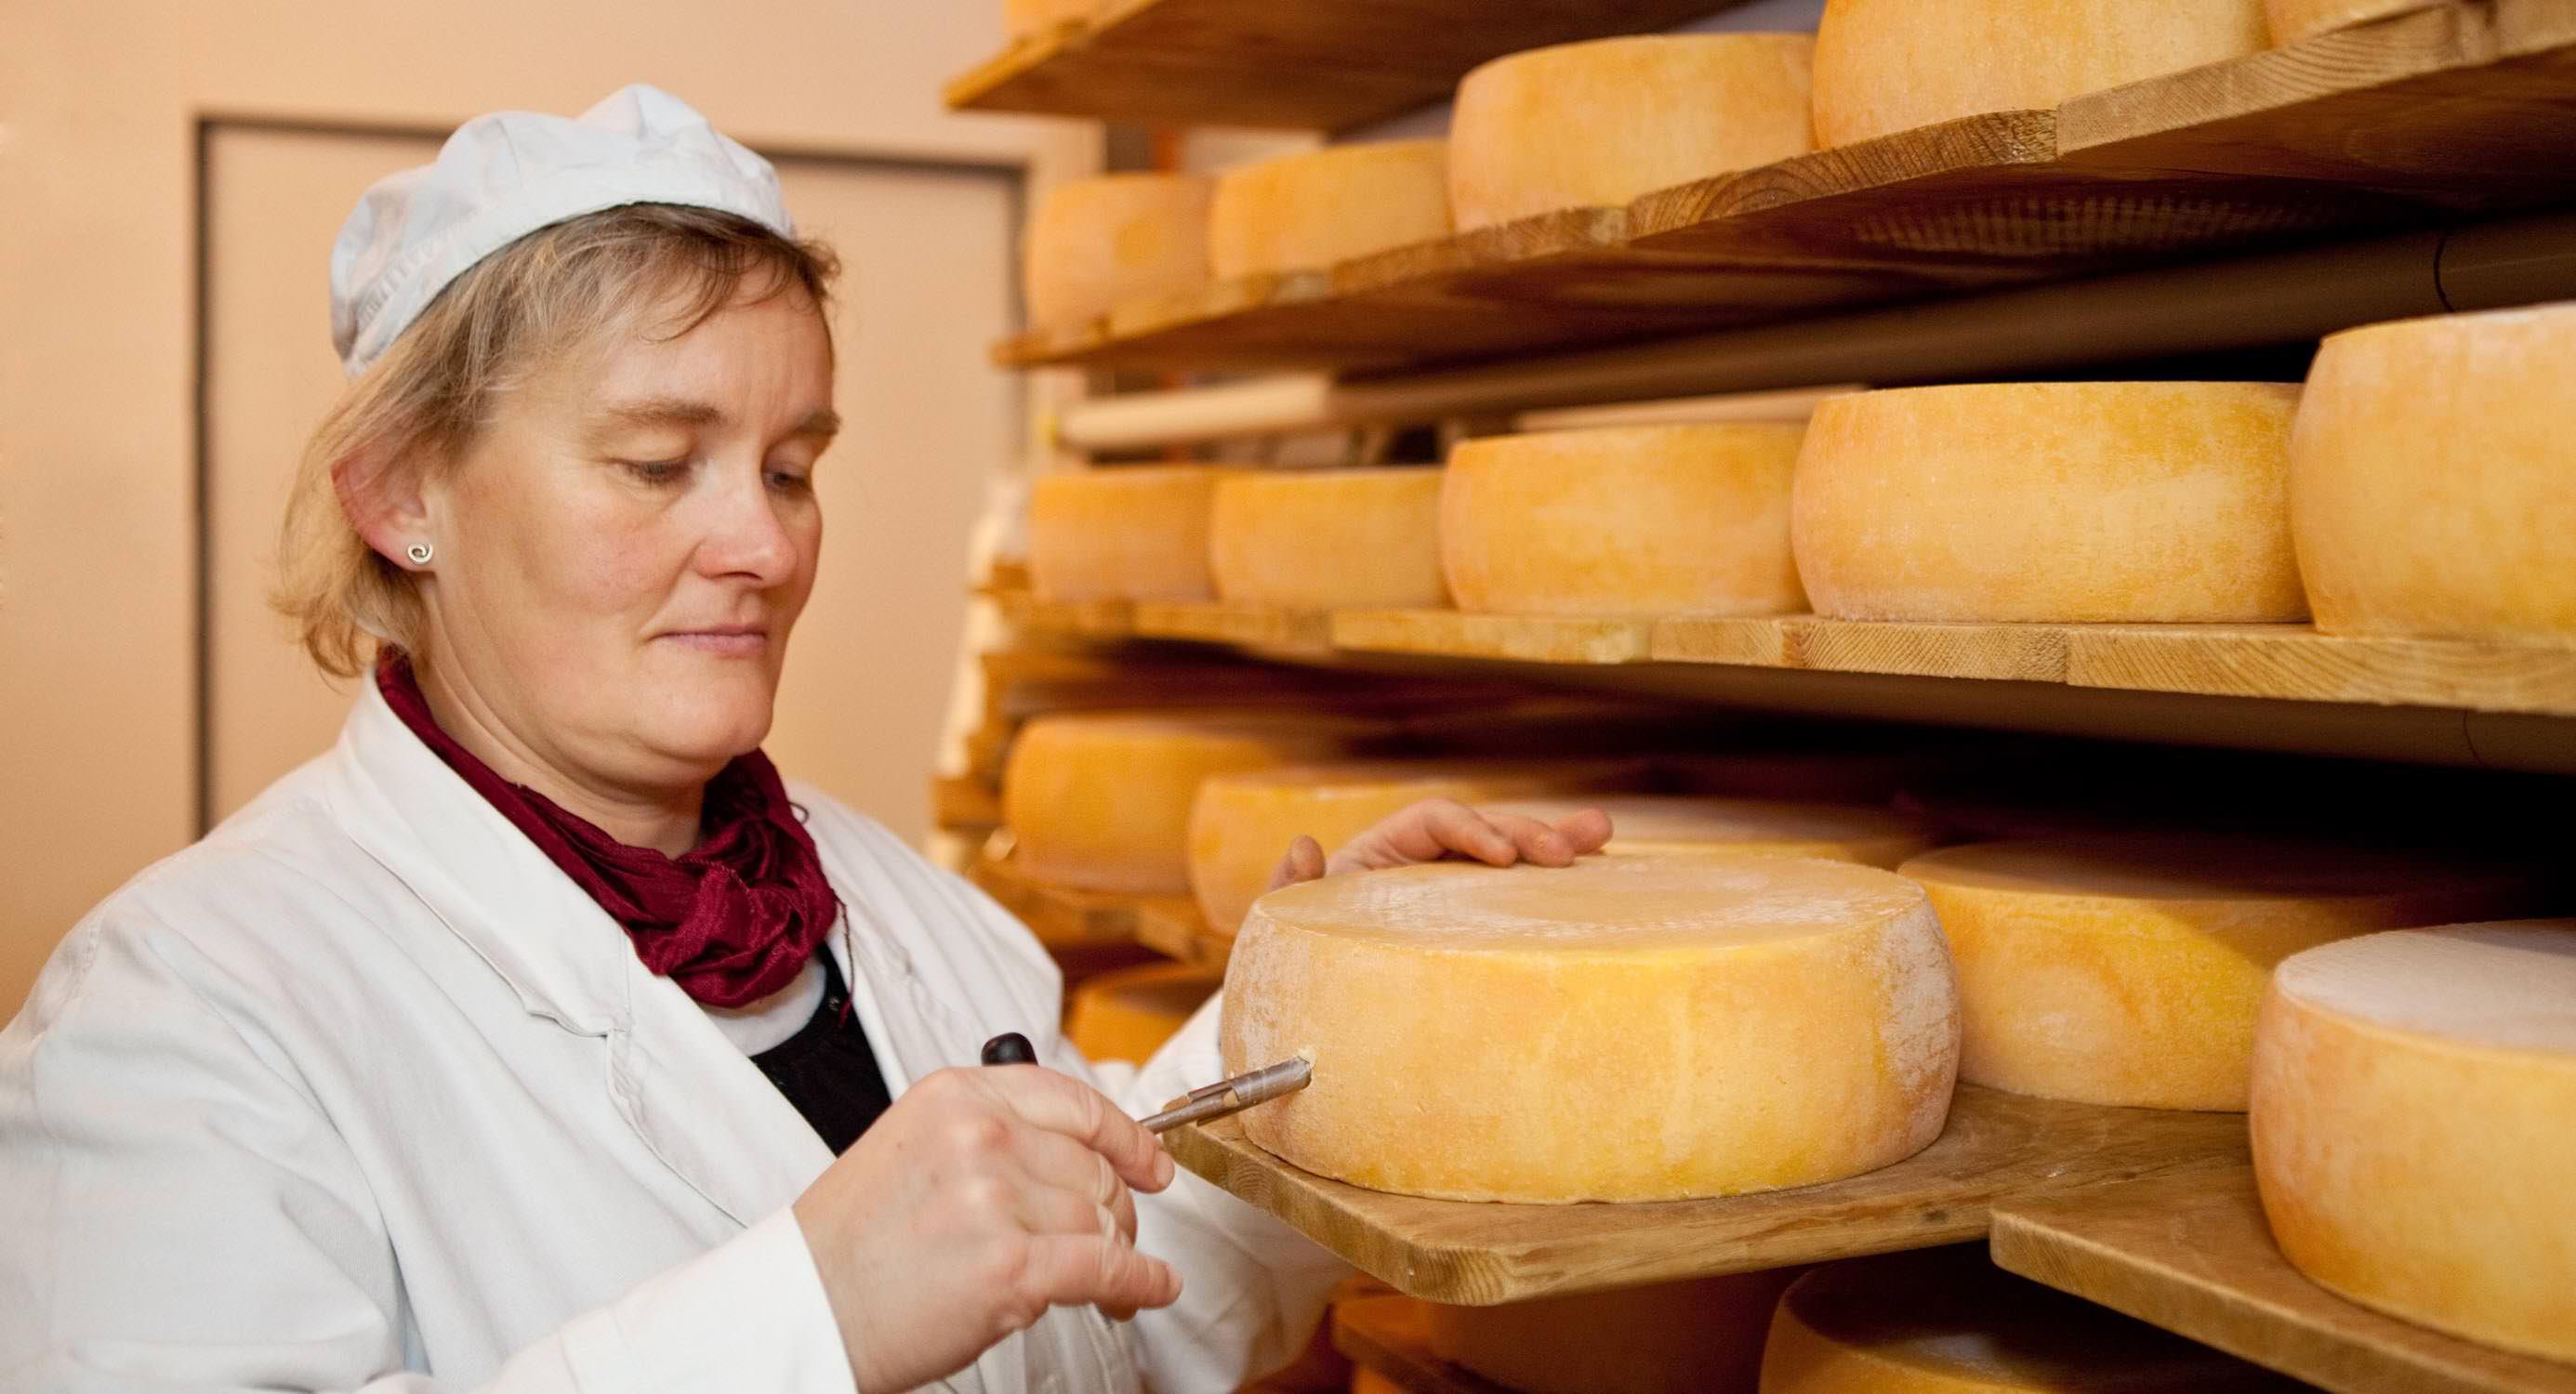 honhardter demeter höfe dorfkäserei geifertshofen käseherstellung Keller Regale qualitätskontrolle leib Reifen Käserei jörn strojny